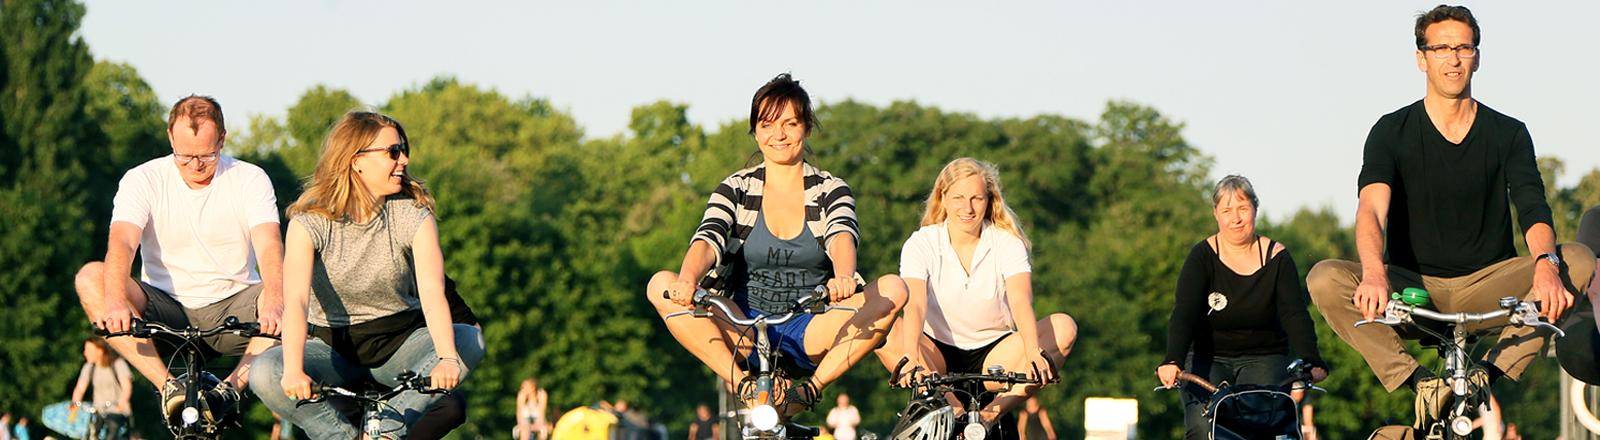 Lachende Menschen machen Yoga-Übungen auf dem Fahrrad